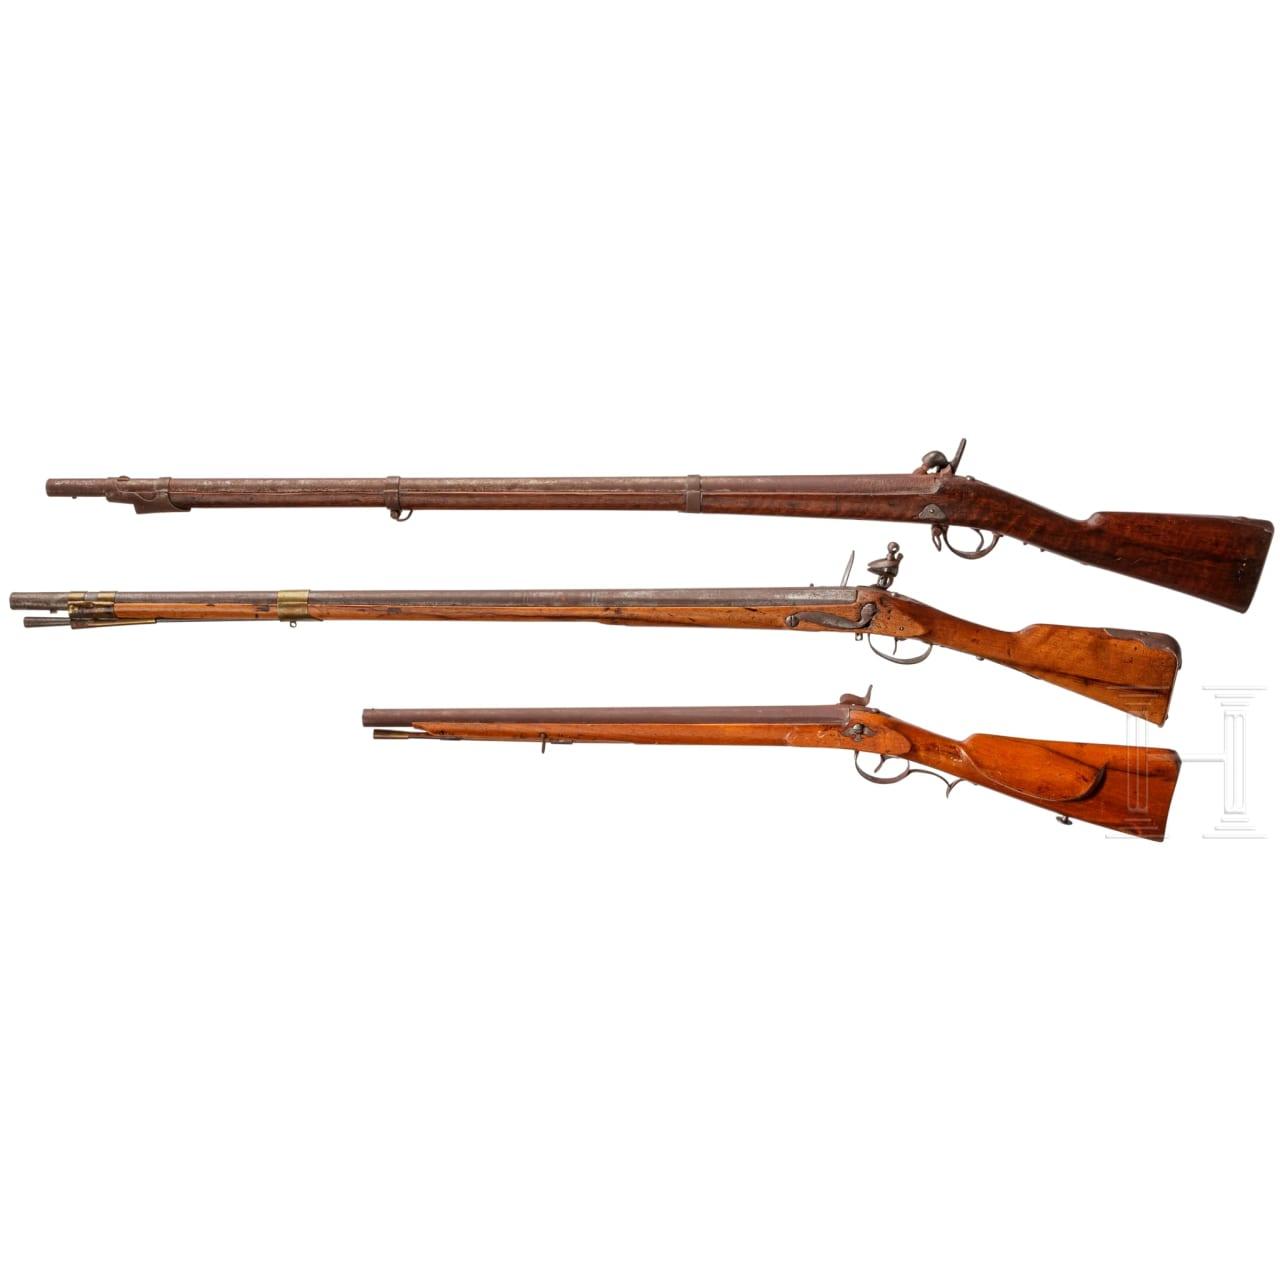 Infanteriemuskete M 1854 und zwei ausländische Gewehre